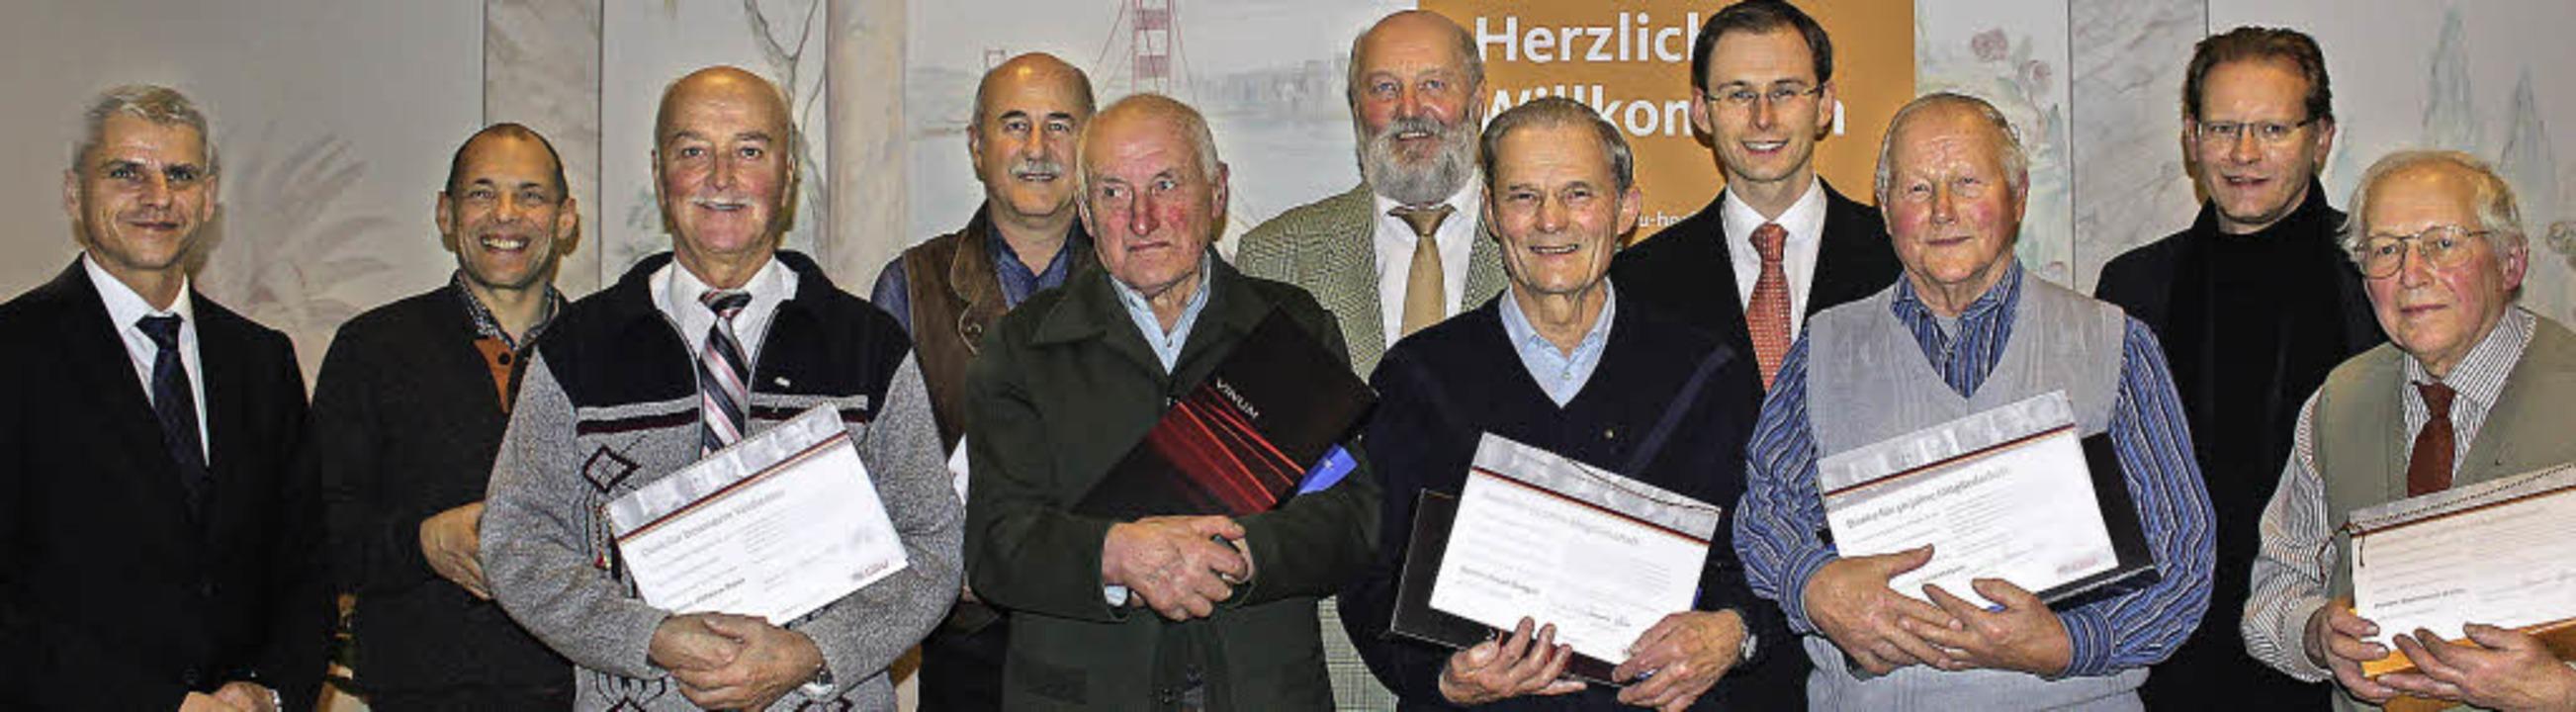 Für 50-jährige Treue zur CDU wurden Be...amer (von rechts hinten) gratulierten.  | Foto: Christa Maier